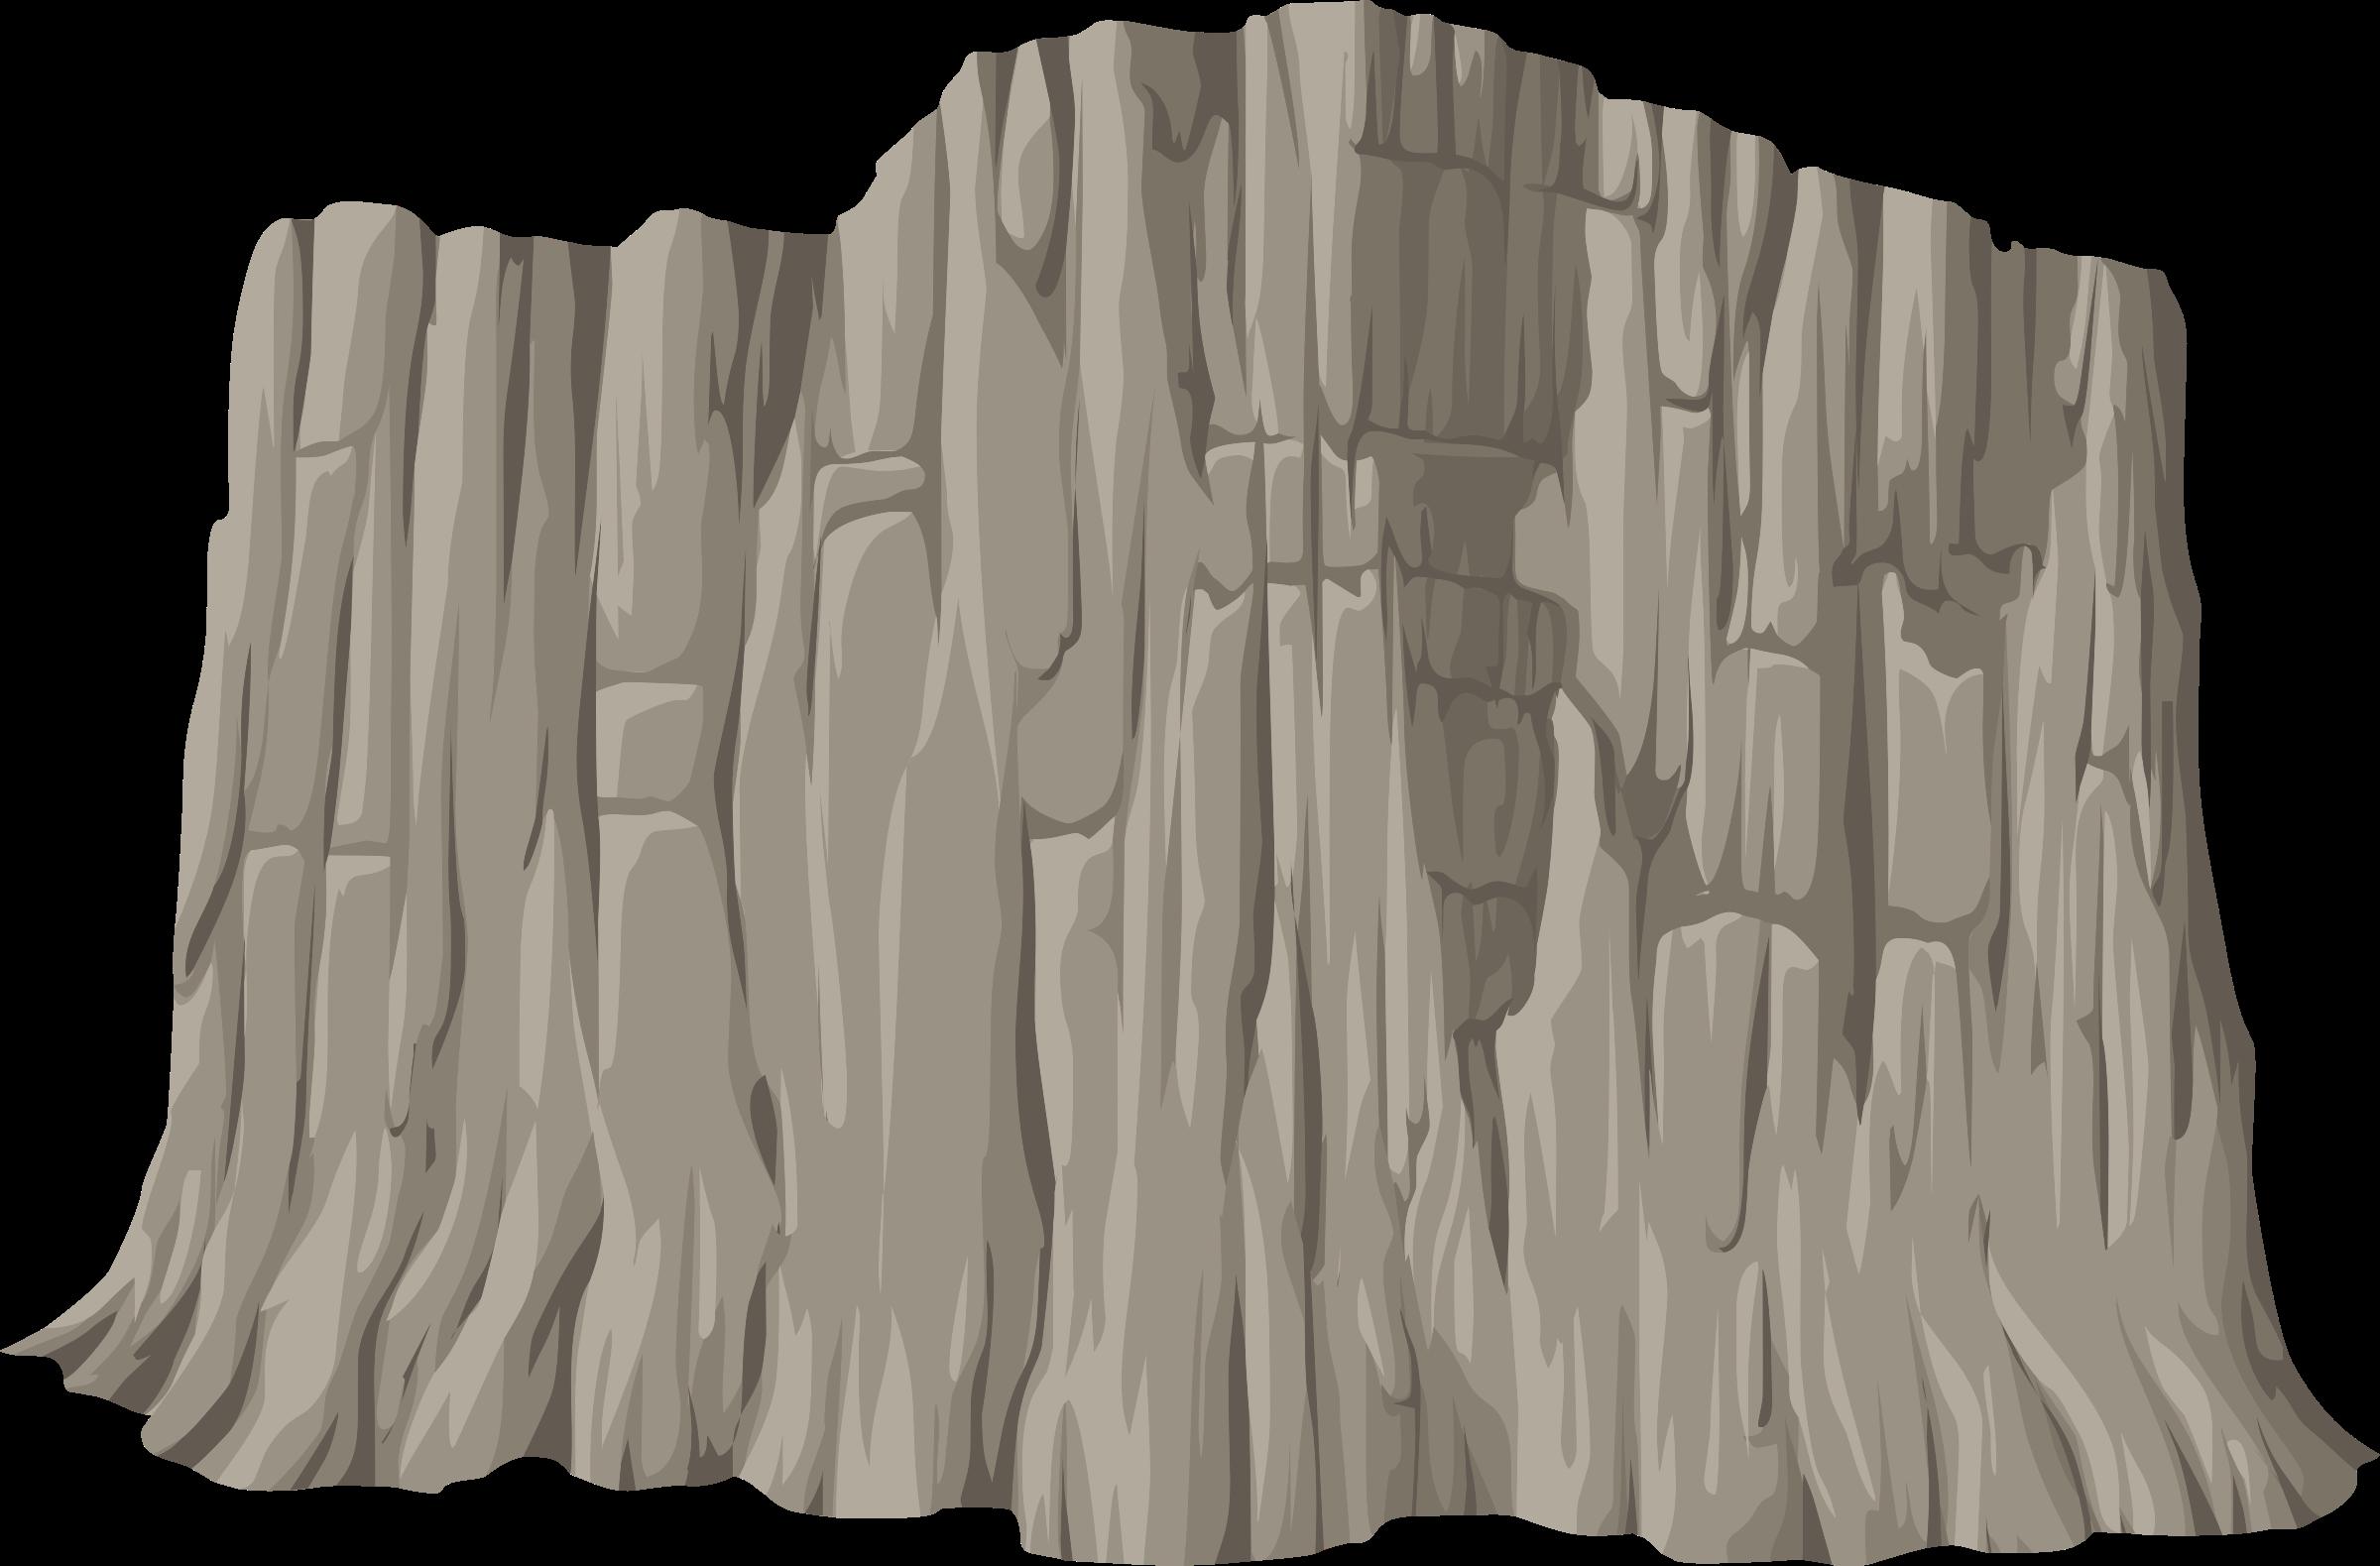 2400x1579 15 Cliff Vector Transparent For Free Download On Mbtskoudsalg